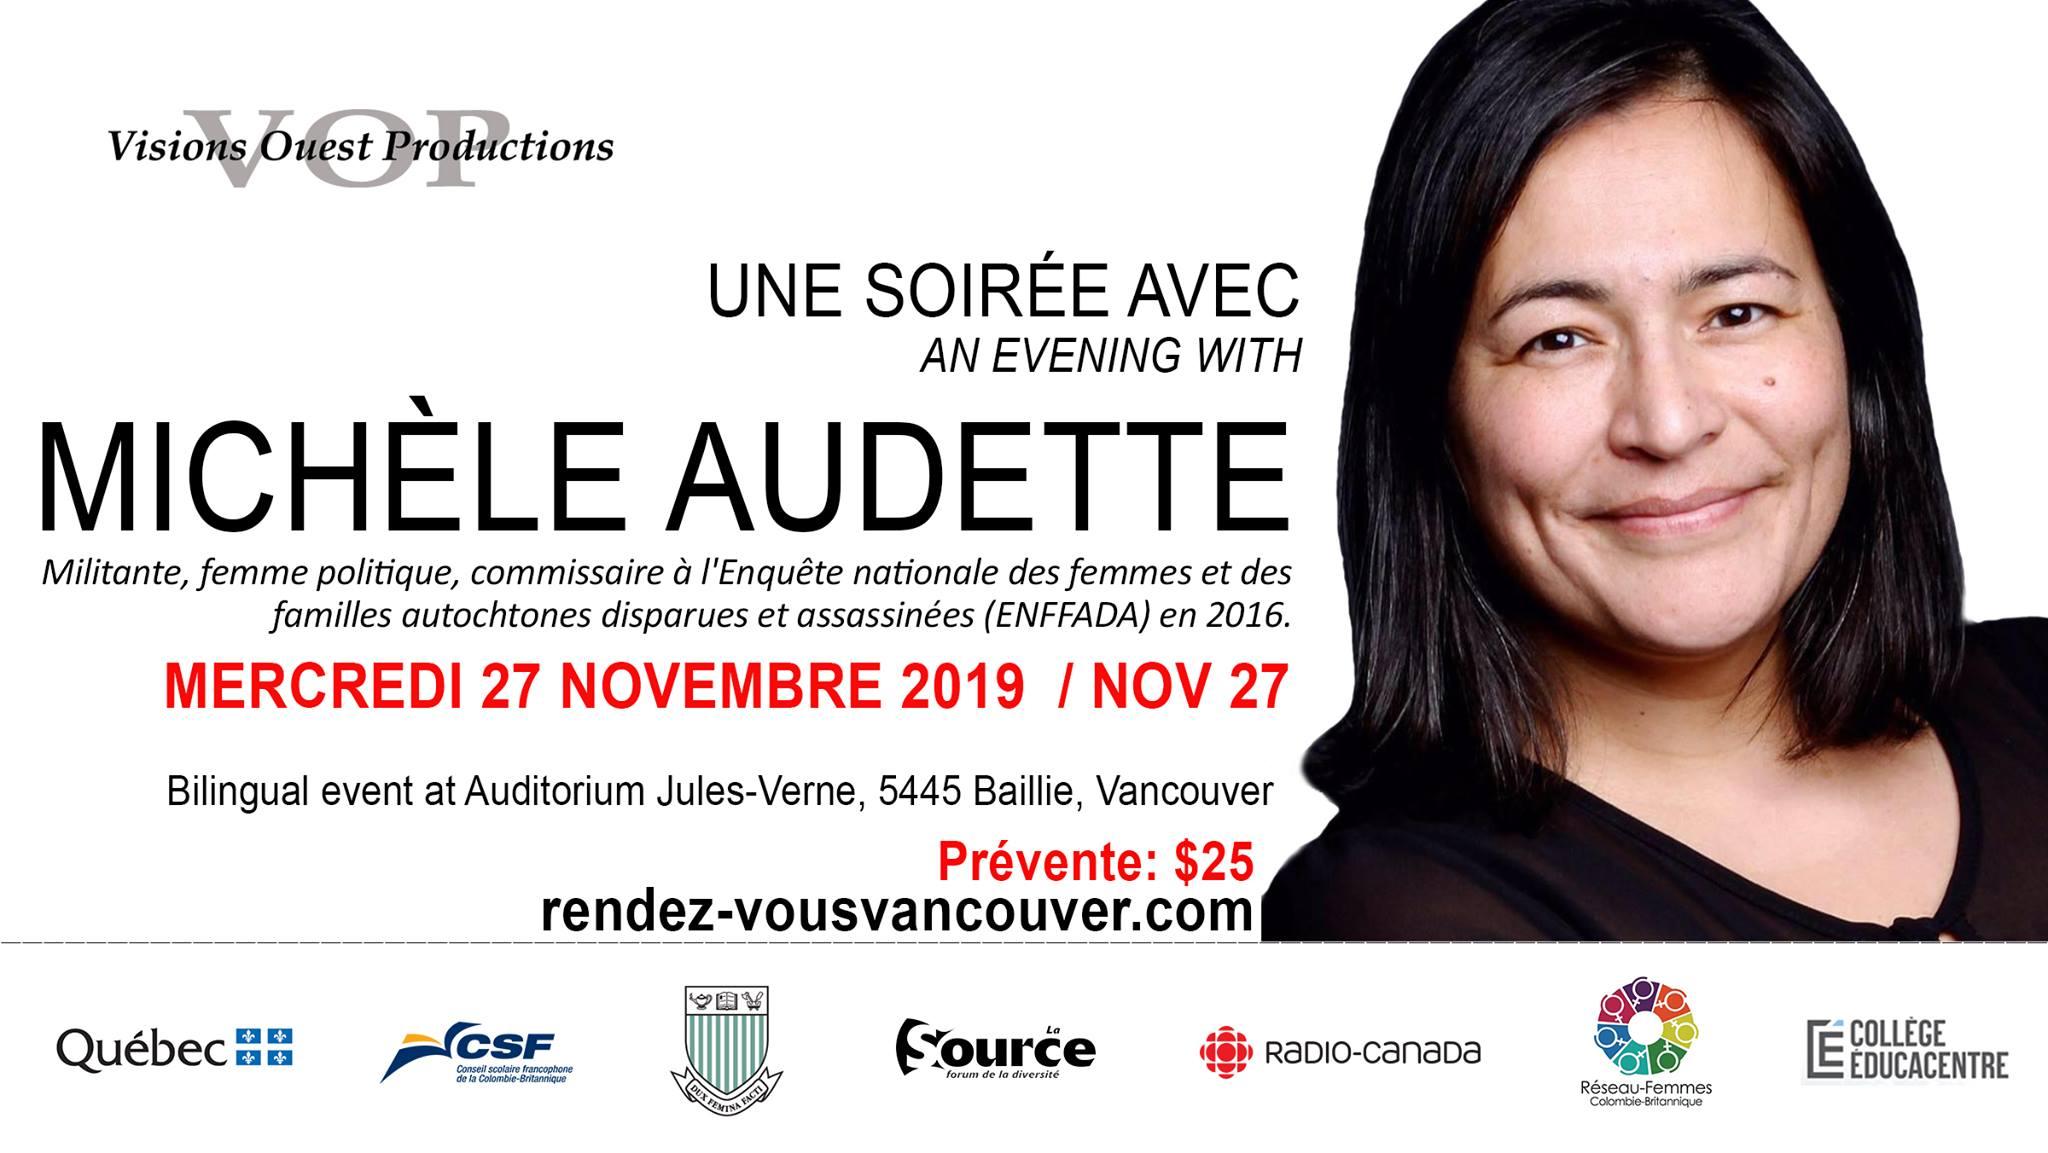 Soirée avec Michèle Audette (affiche)